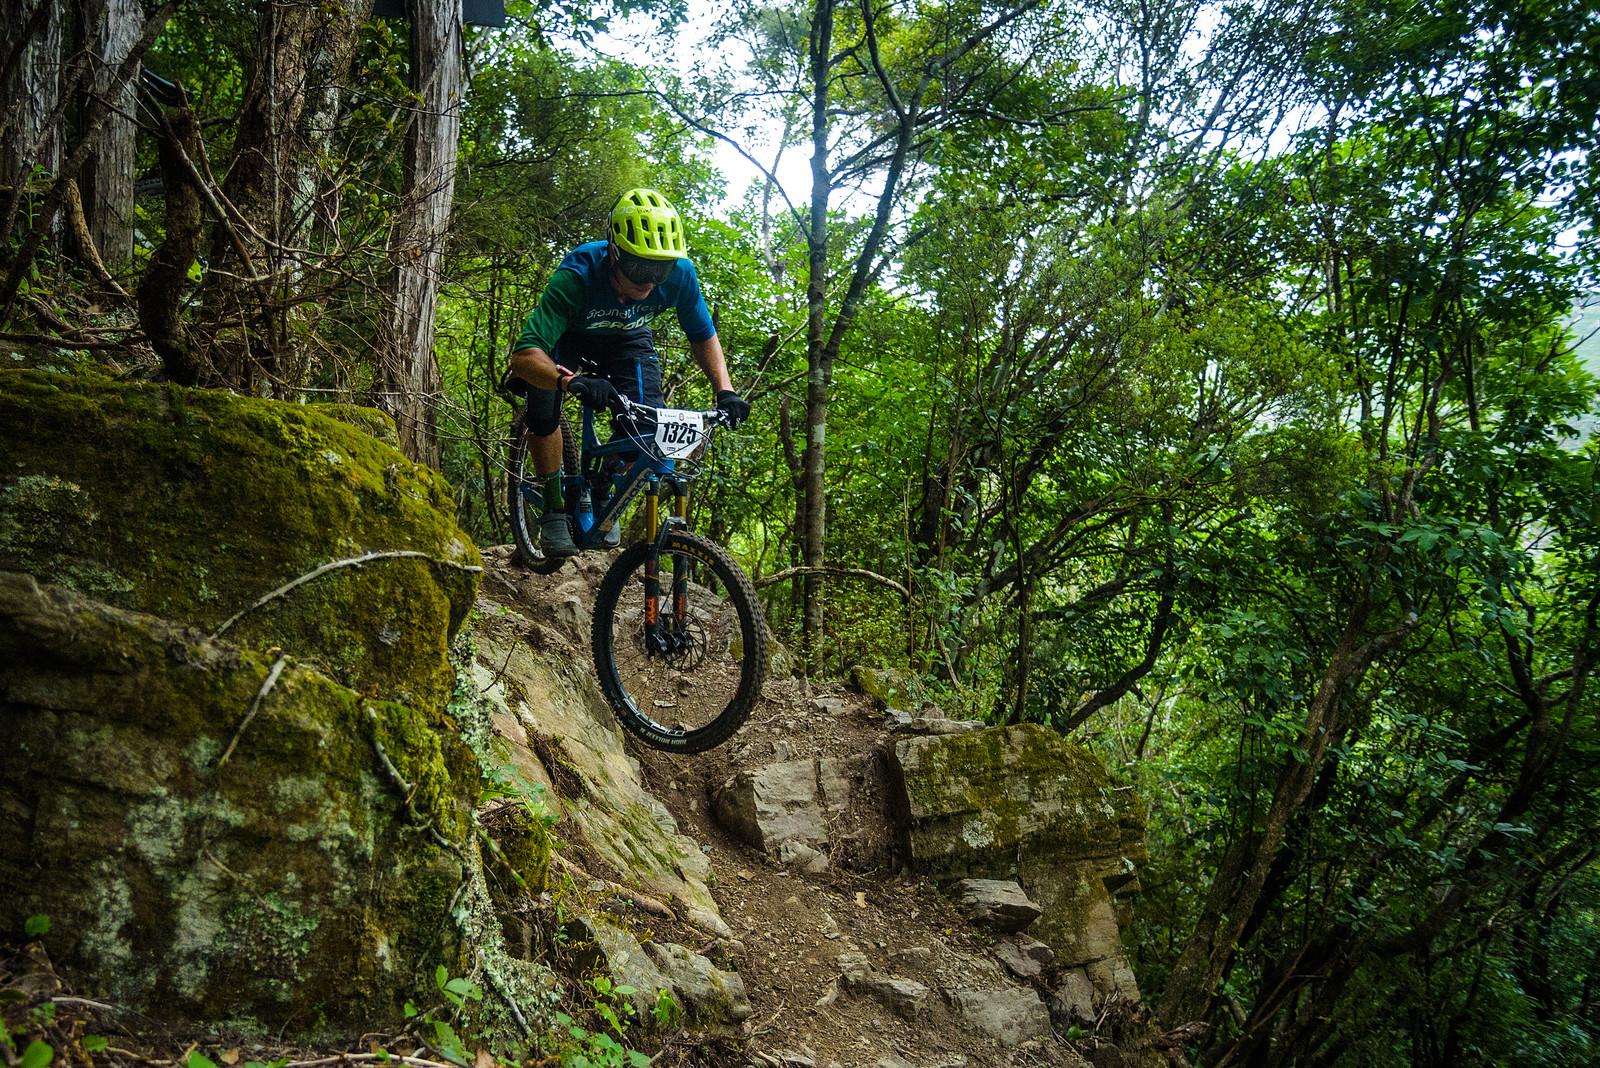 Sam Shaw - 2018 Nelson MTB Club Top Gun Event - Mountain Biking Pictures - Vital MTB